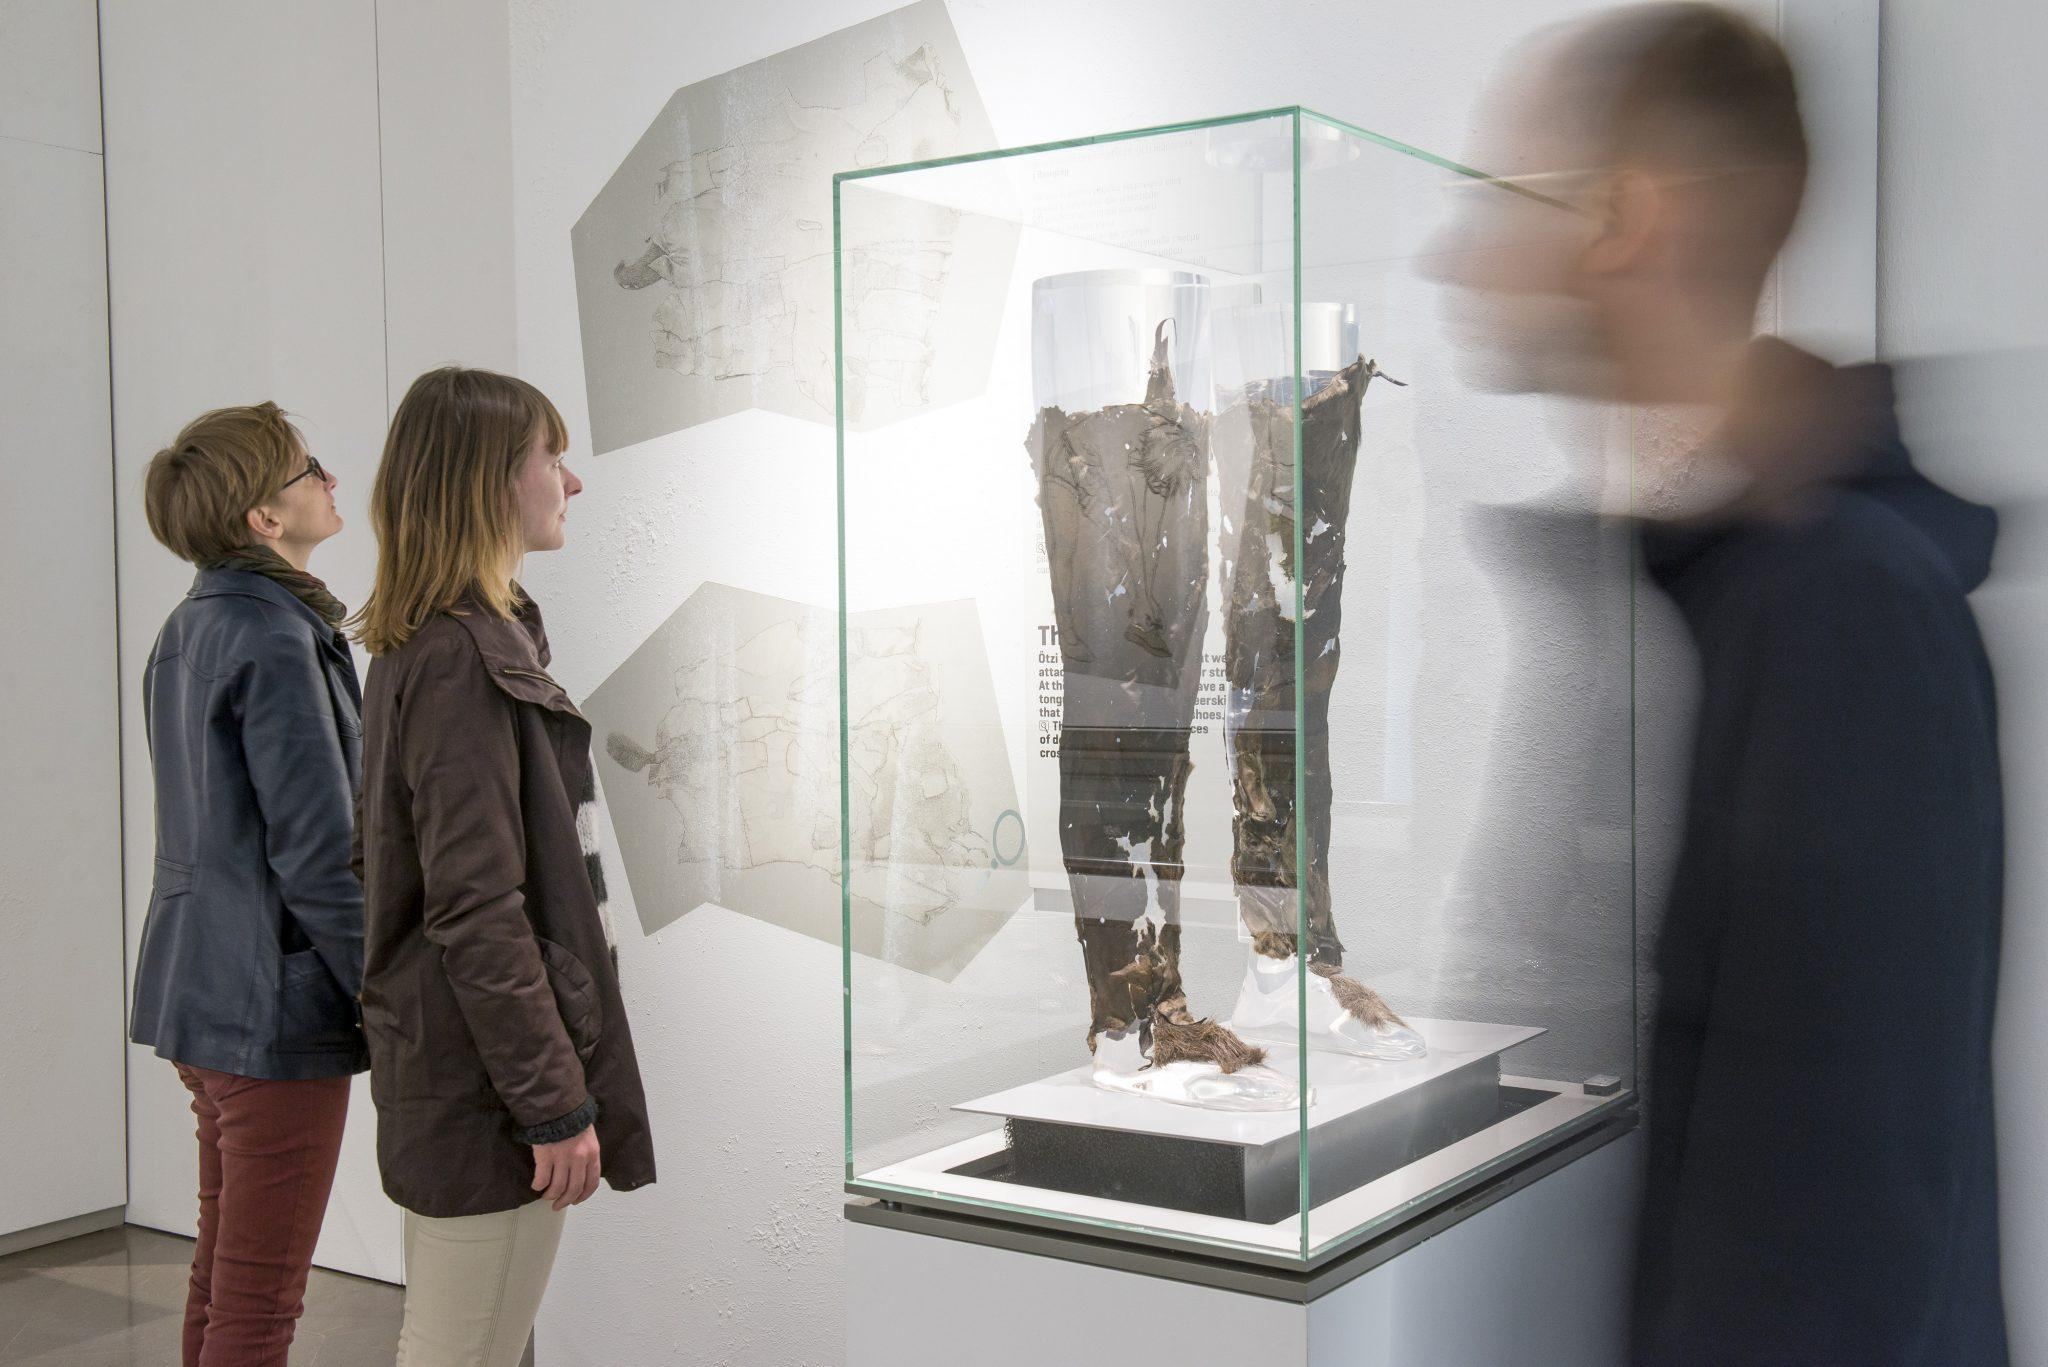 Ötzis Beinkleider im Südtiroler Archäologiemuseum:Ötzi, die 5.300 Jahre alte männliche Feuchtmumie wurde genau vor 25 Jahren, am 19. September 1991, auf dem Tisenjoch/Schnalstal mitsamt seiner Kleidung und Ausrüstung entdeckt.